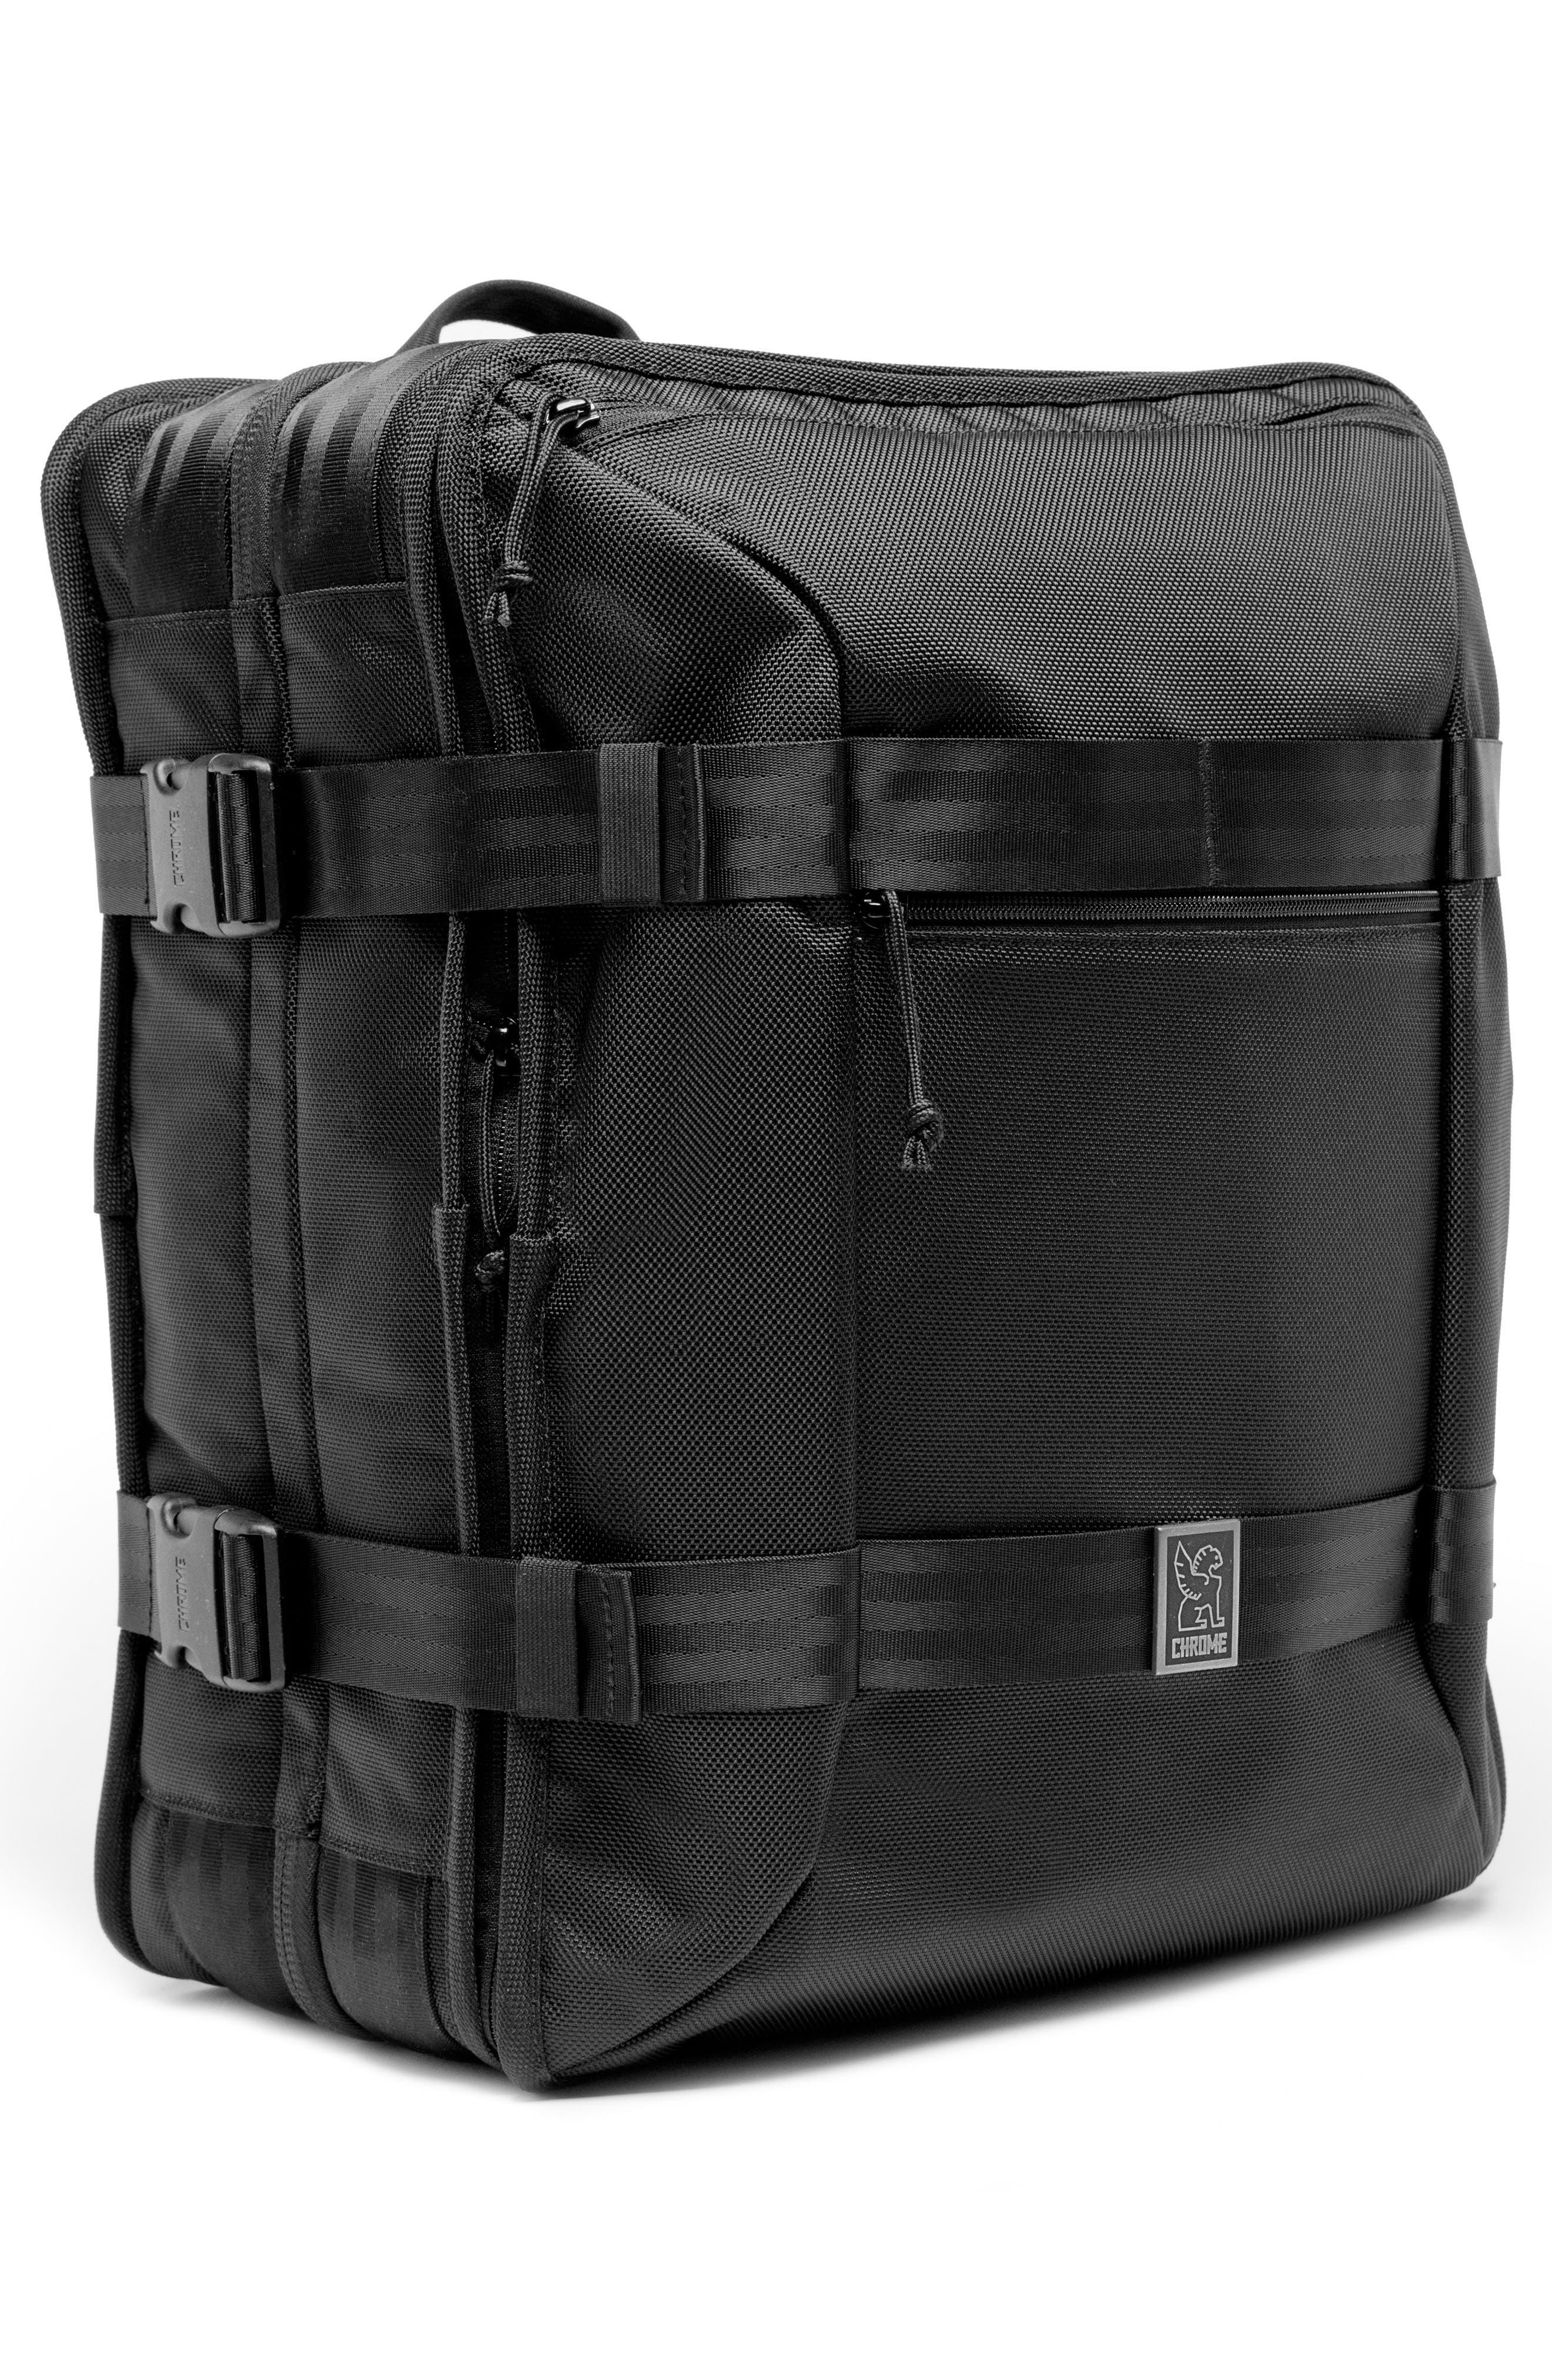 Macheto Travel Backpack,                             Alternate thumbnail 5, color,                             ALL BLACK